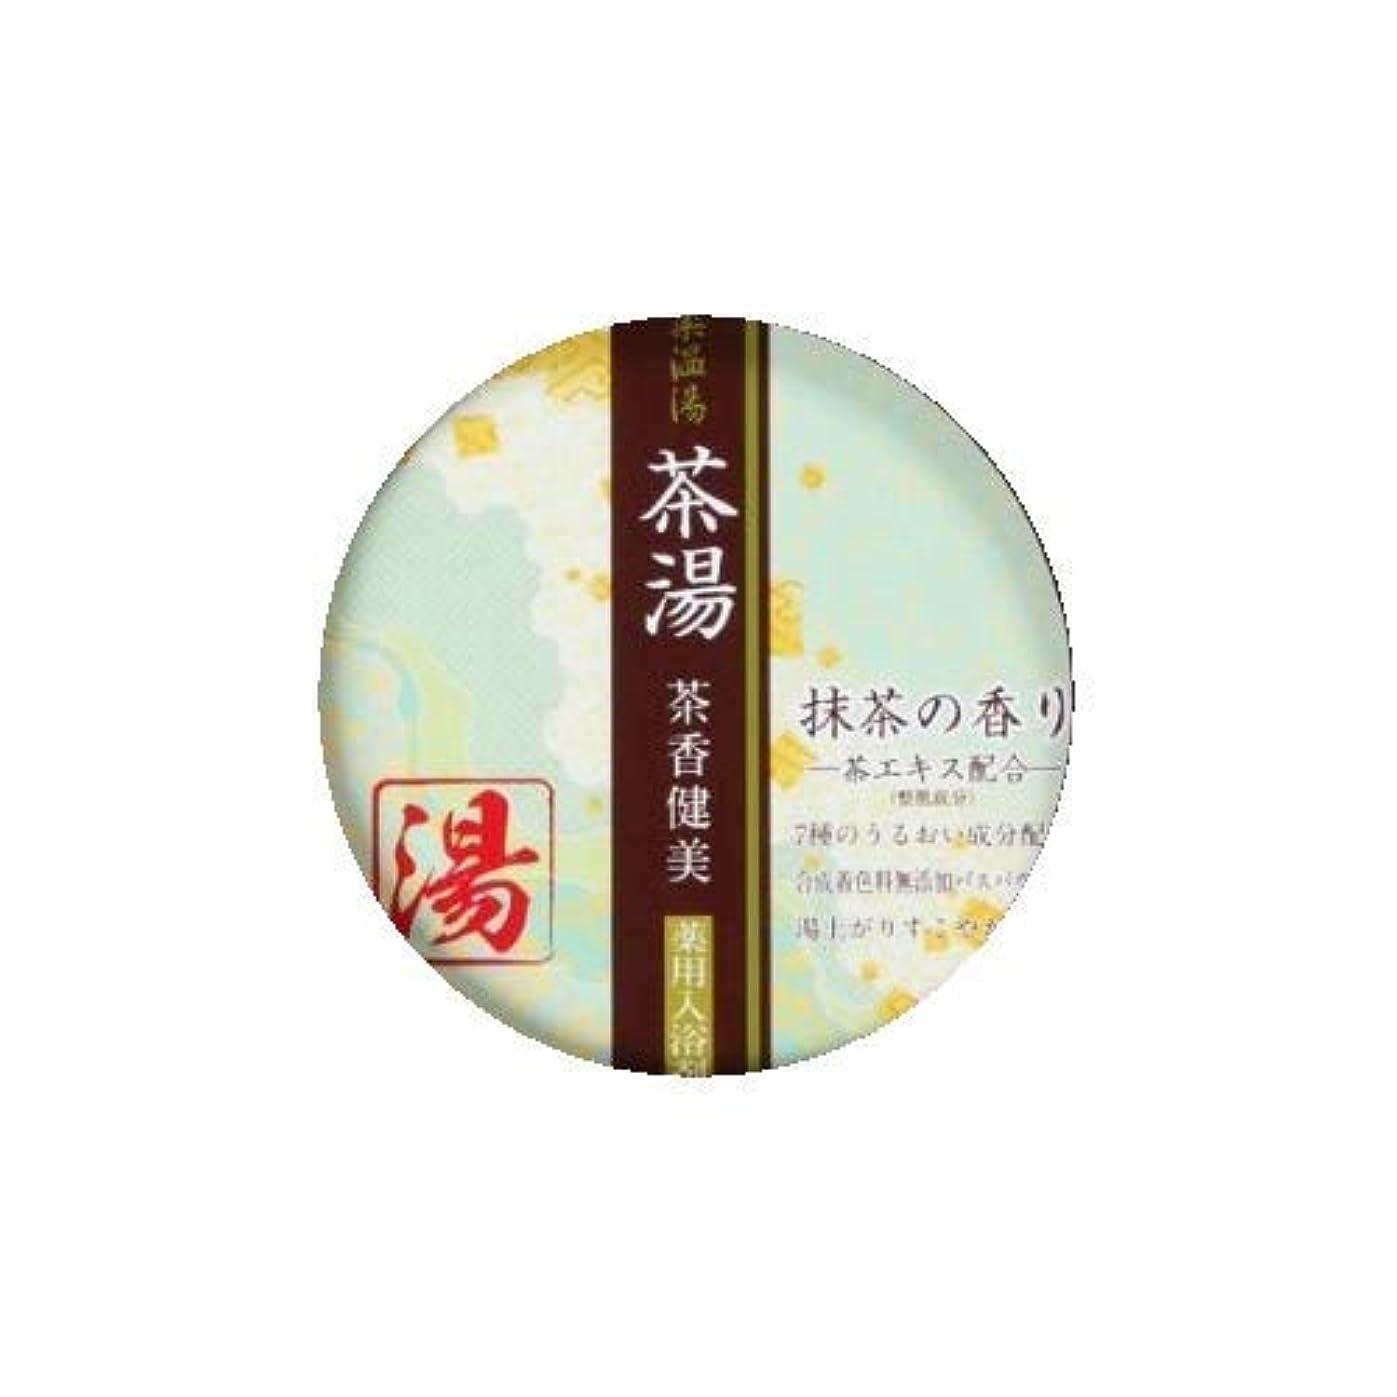 肉屋平野以上薬温湯 茶湯 入浴料 抹茶の香り POF-10M